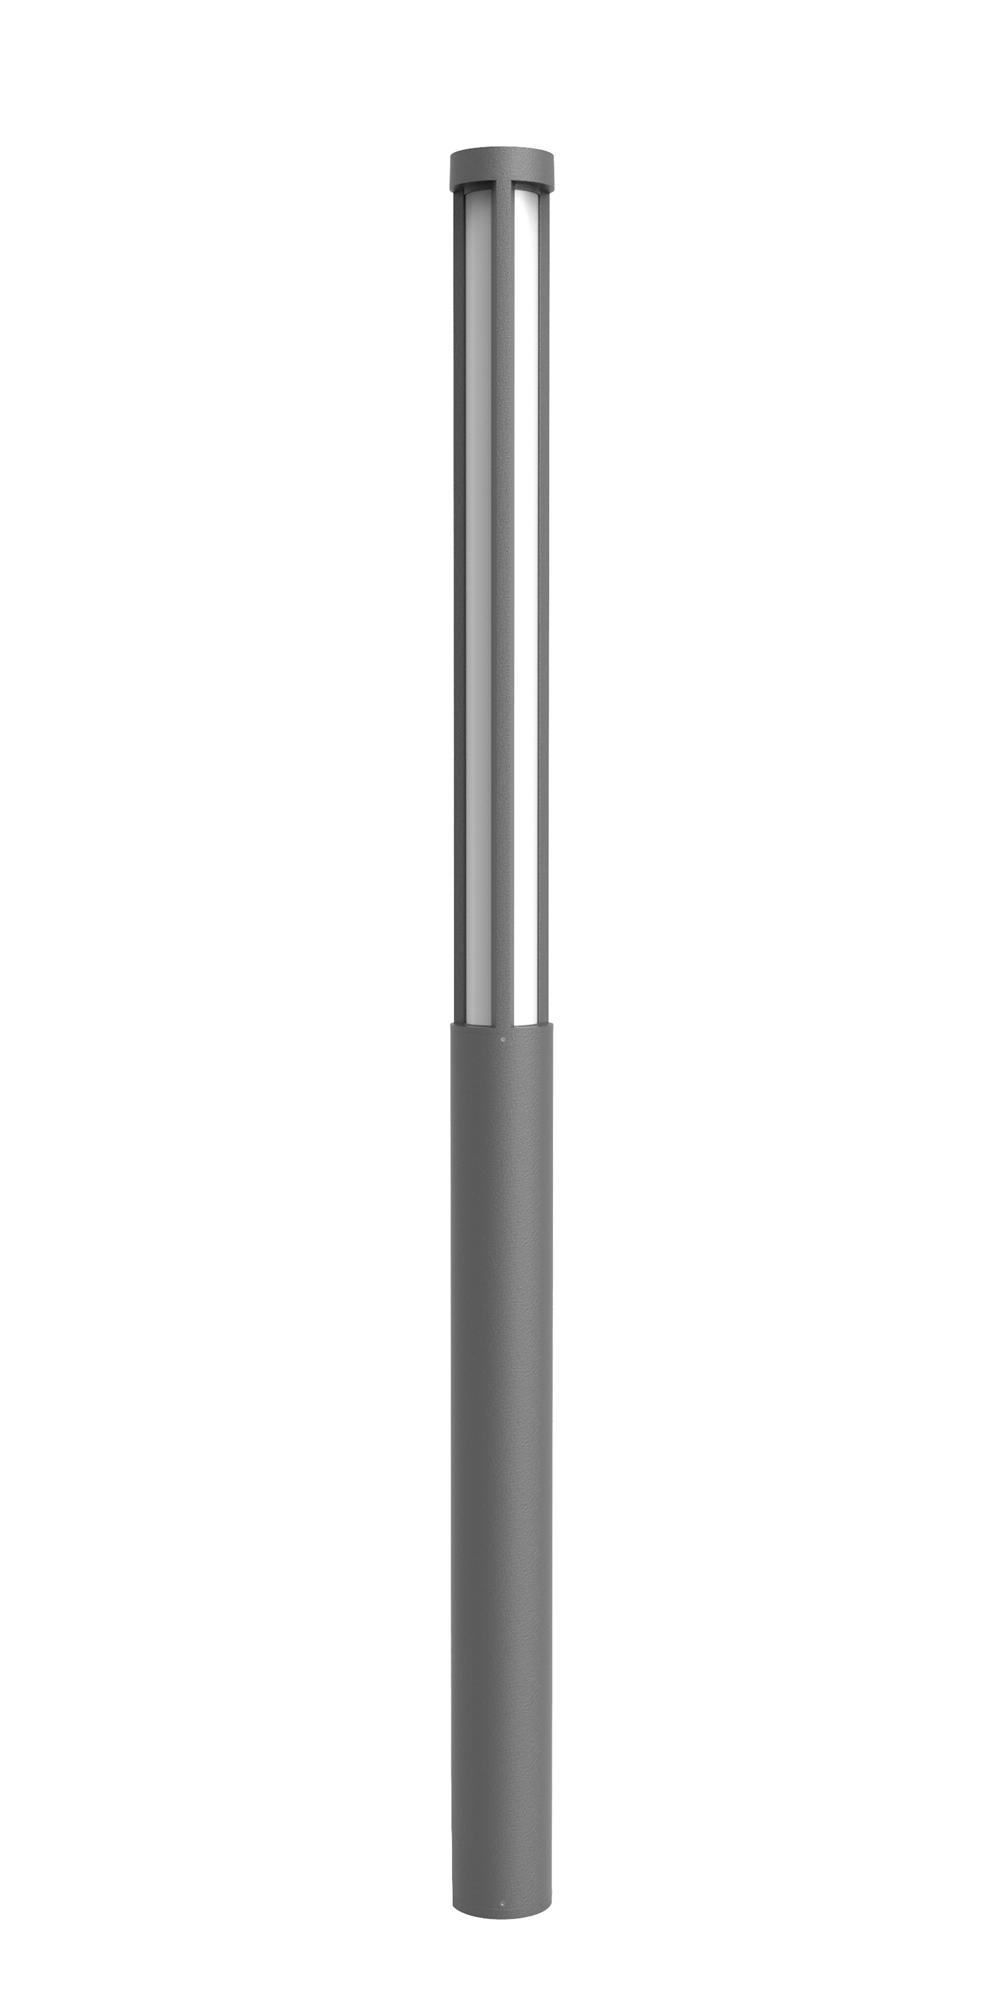 Lampenlux Außenleuchte Pollerleuchte Baleo Höhe: 2,5m Ø14.5cm 30W 2200lm IP54